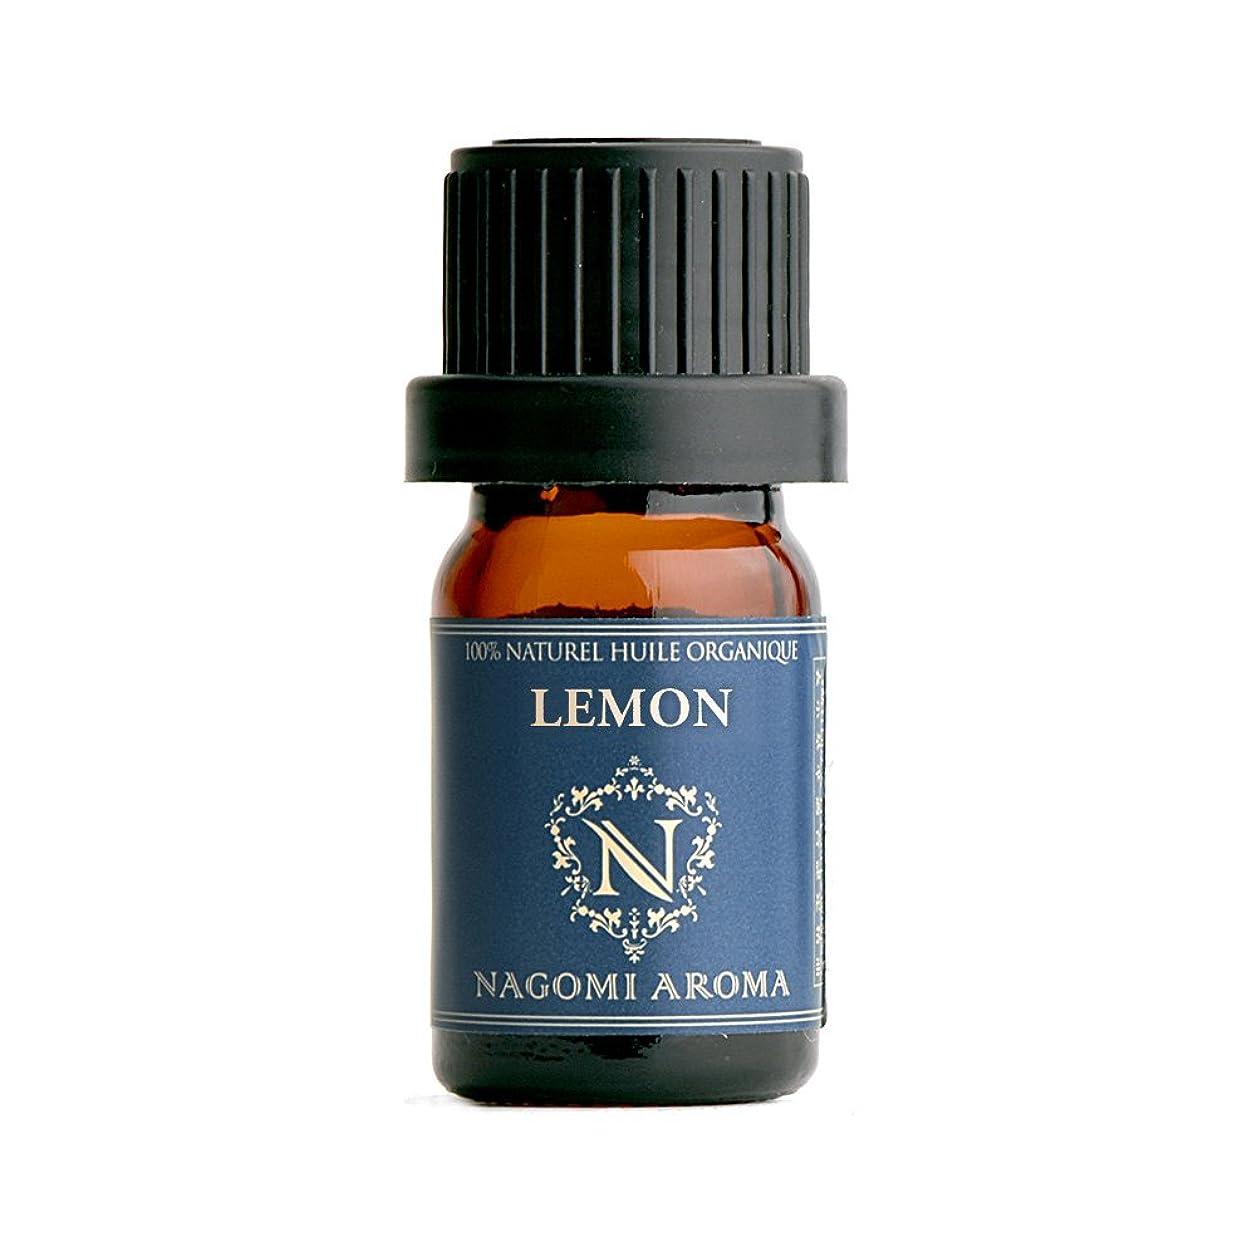 休日に却下する罹患率NAGOMI AROMA オーガニック レモン 5ml 【AEAJ認定精油】【アロマオイル】